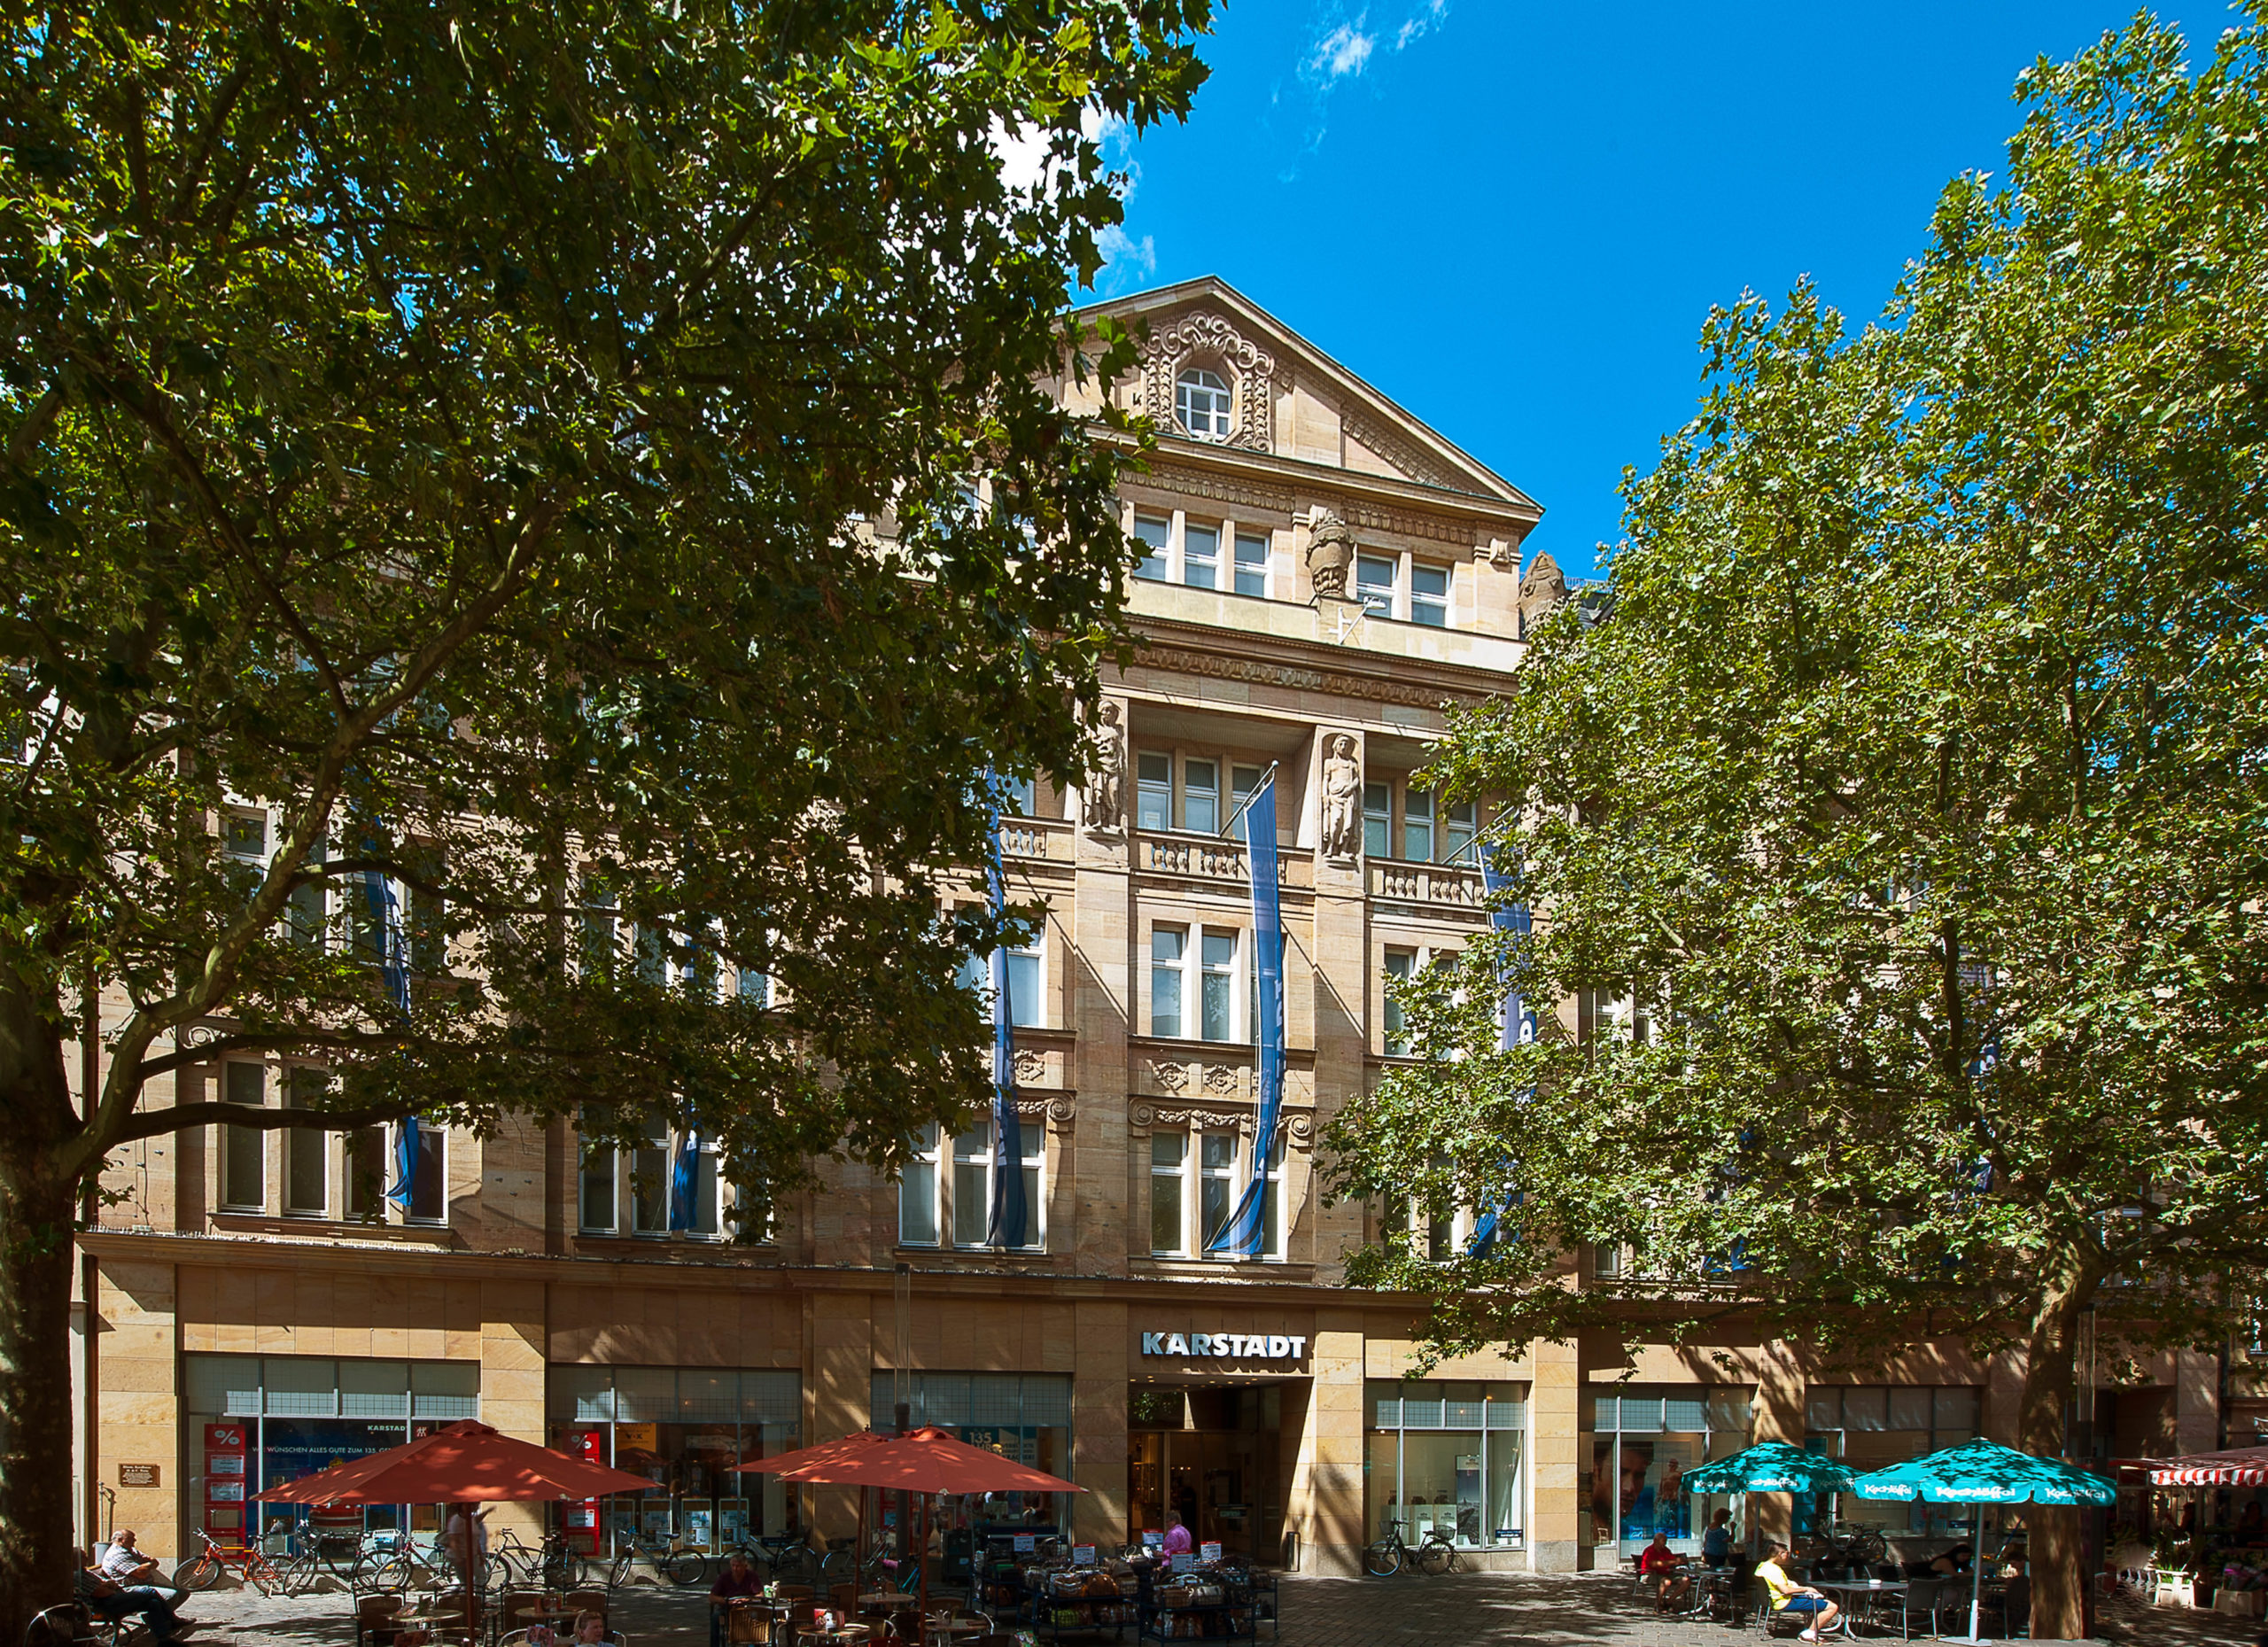 Karstadt Bamberg